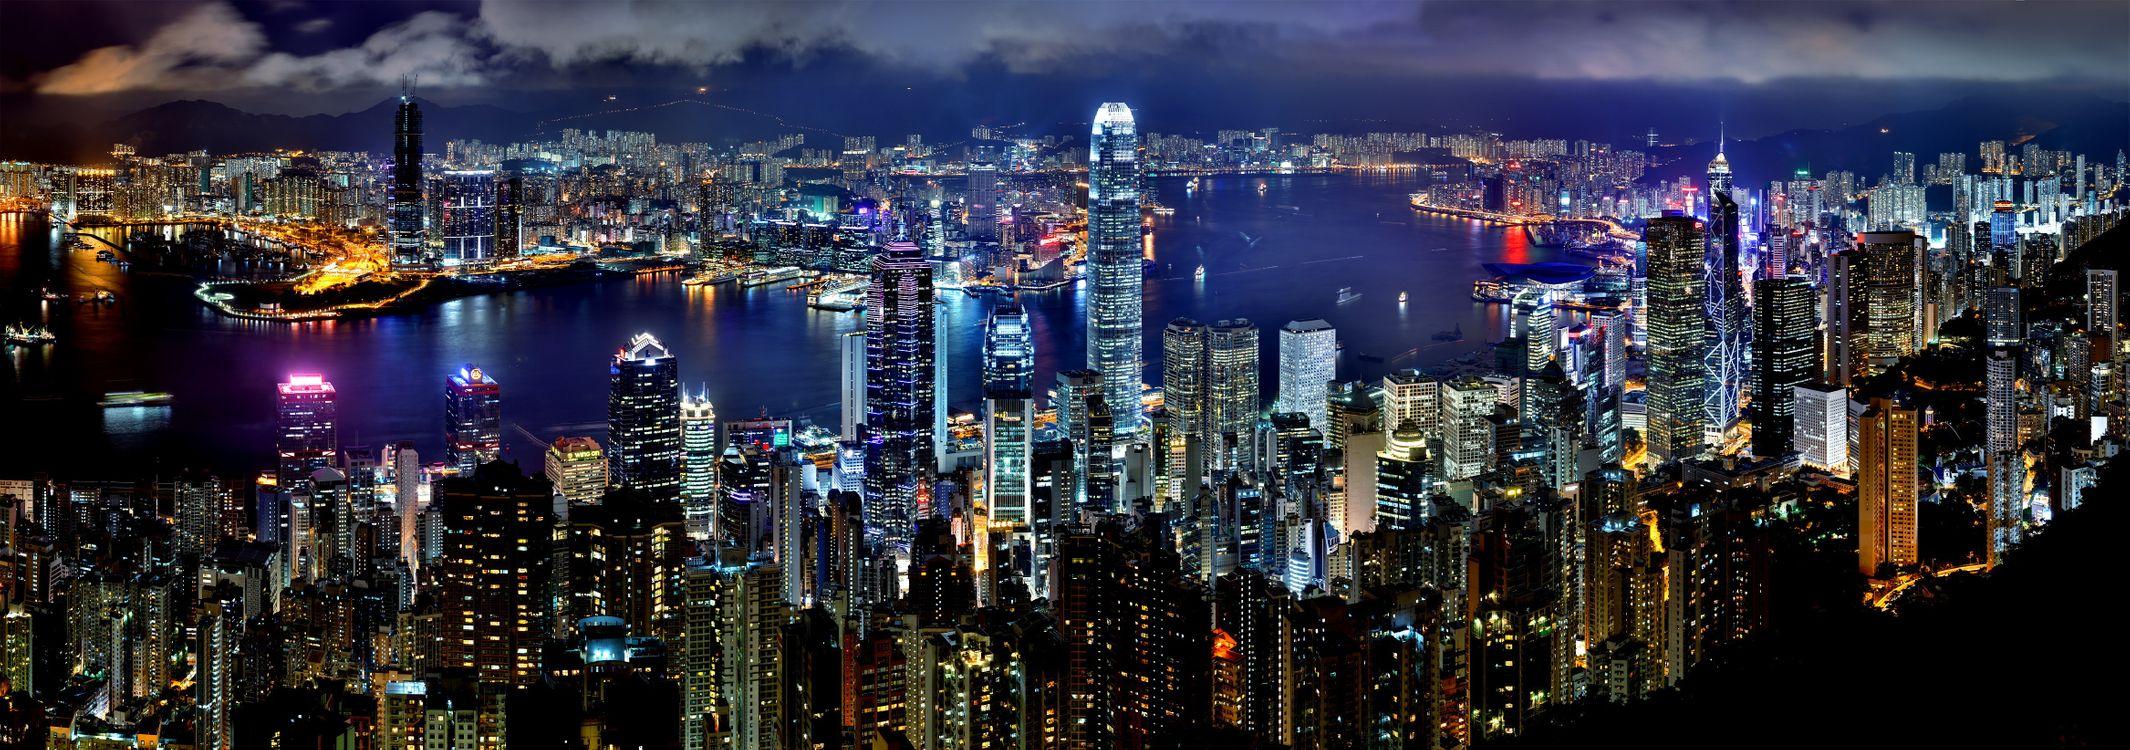 Фото бесплатно Гонконг, город, ночь, гавань, небоскреб, здание, огни - на рабочий стол